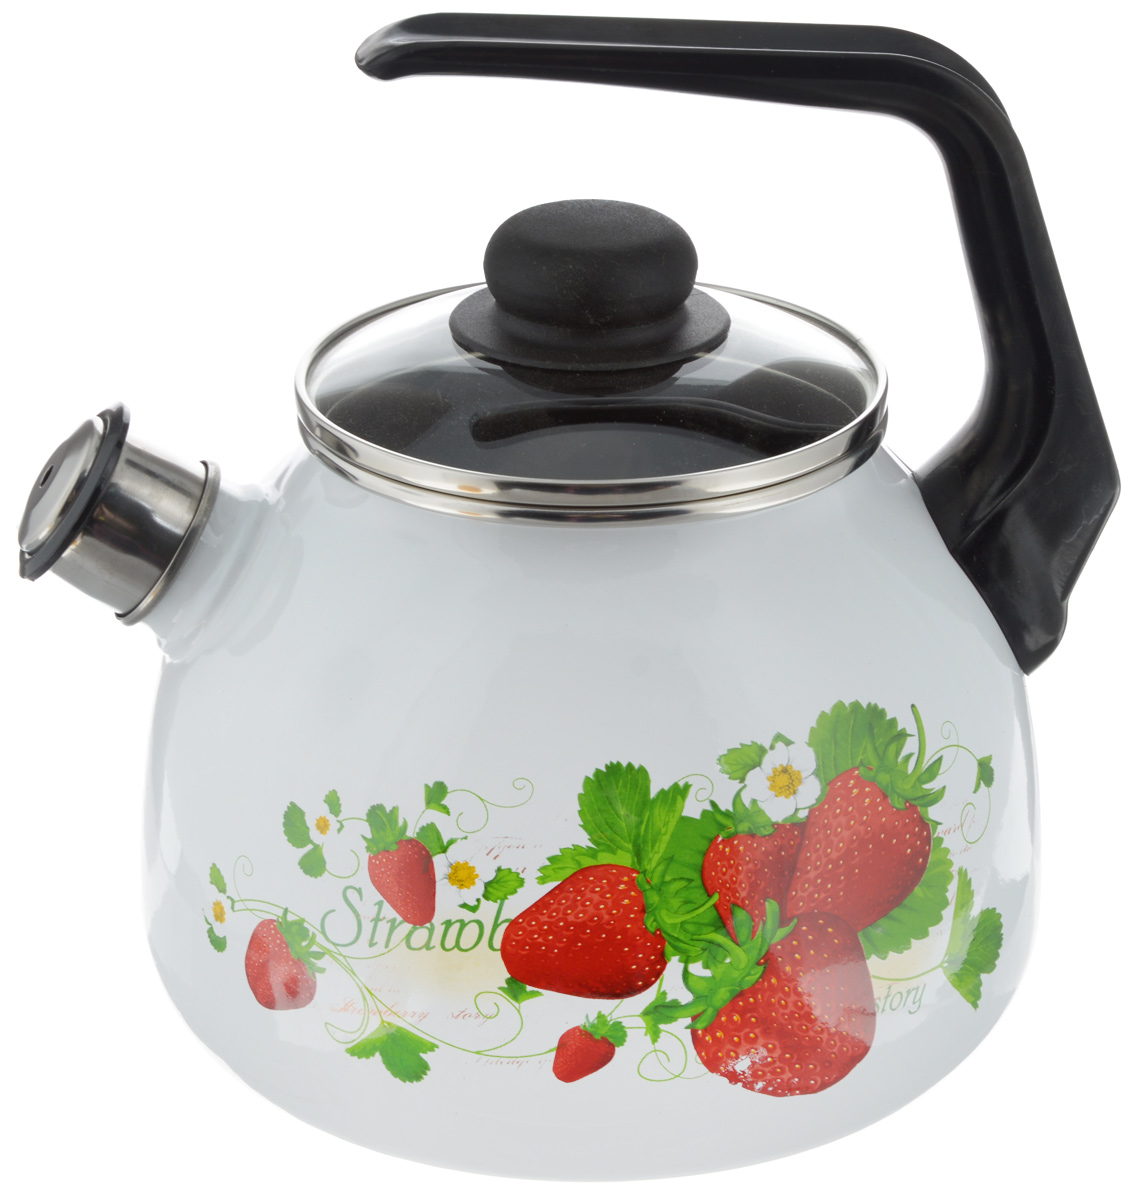 Чайник Vitross Strawberry, со свистком, цвет: белый, красный, 3 л54 009312Чайник Vitross Strawberry изготовлен из высококачественной нержавеющей стали с эмалированным покрытием. Нержавеющая сталь обладает высокой устойчивостью к коррозии, не вступает в реакцию с холодными и горячими продуктами и полностью сохраняет их вкусовые качества. Особая конструкция дна способствует высокой теплопроводности и равномерному распределению тепла. Чайник оснащен удобной ручкой. Носик чайника имеет снимающийся свисток, звуковой сигнал которого подскажет, когда закипит вода. Подходит для всех типов плит, включая индукционные. Можно мыть в посудомоечной машине.Диаметр чайника (по верхнему краю): 12,5 см.Высота чайника (без учета ручки и крышки): 15 см.Высота чайника (с учетом ручки): 23 см.